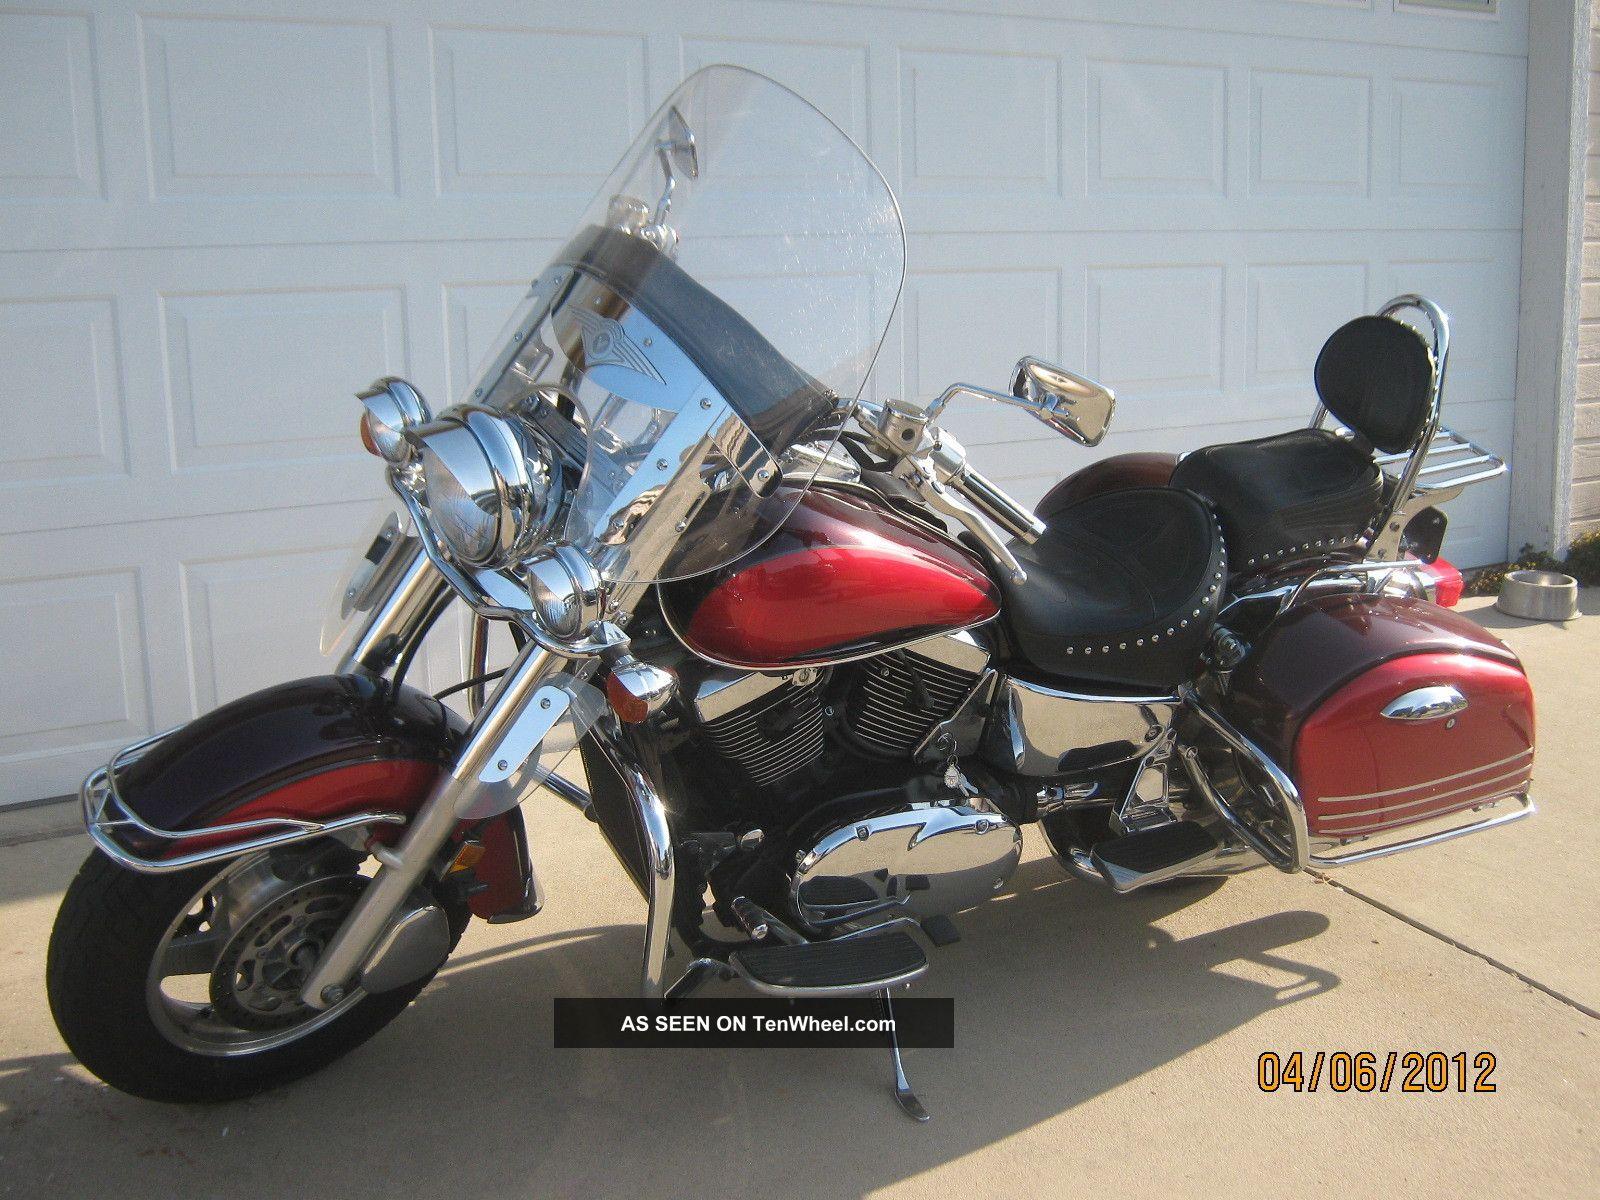 1999 Kawasaki Vulcan Nomad 1500 Motorcycle